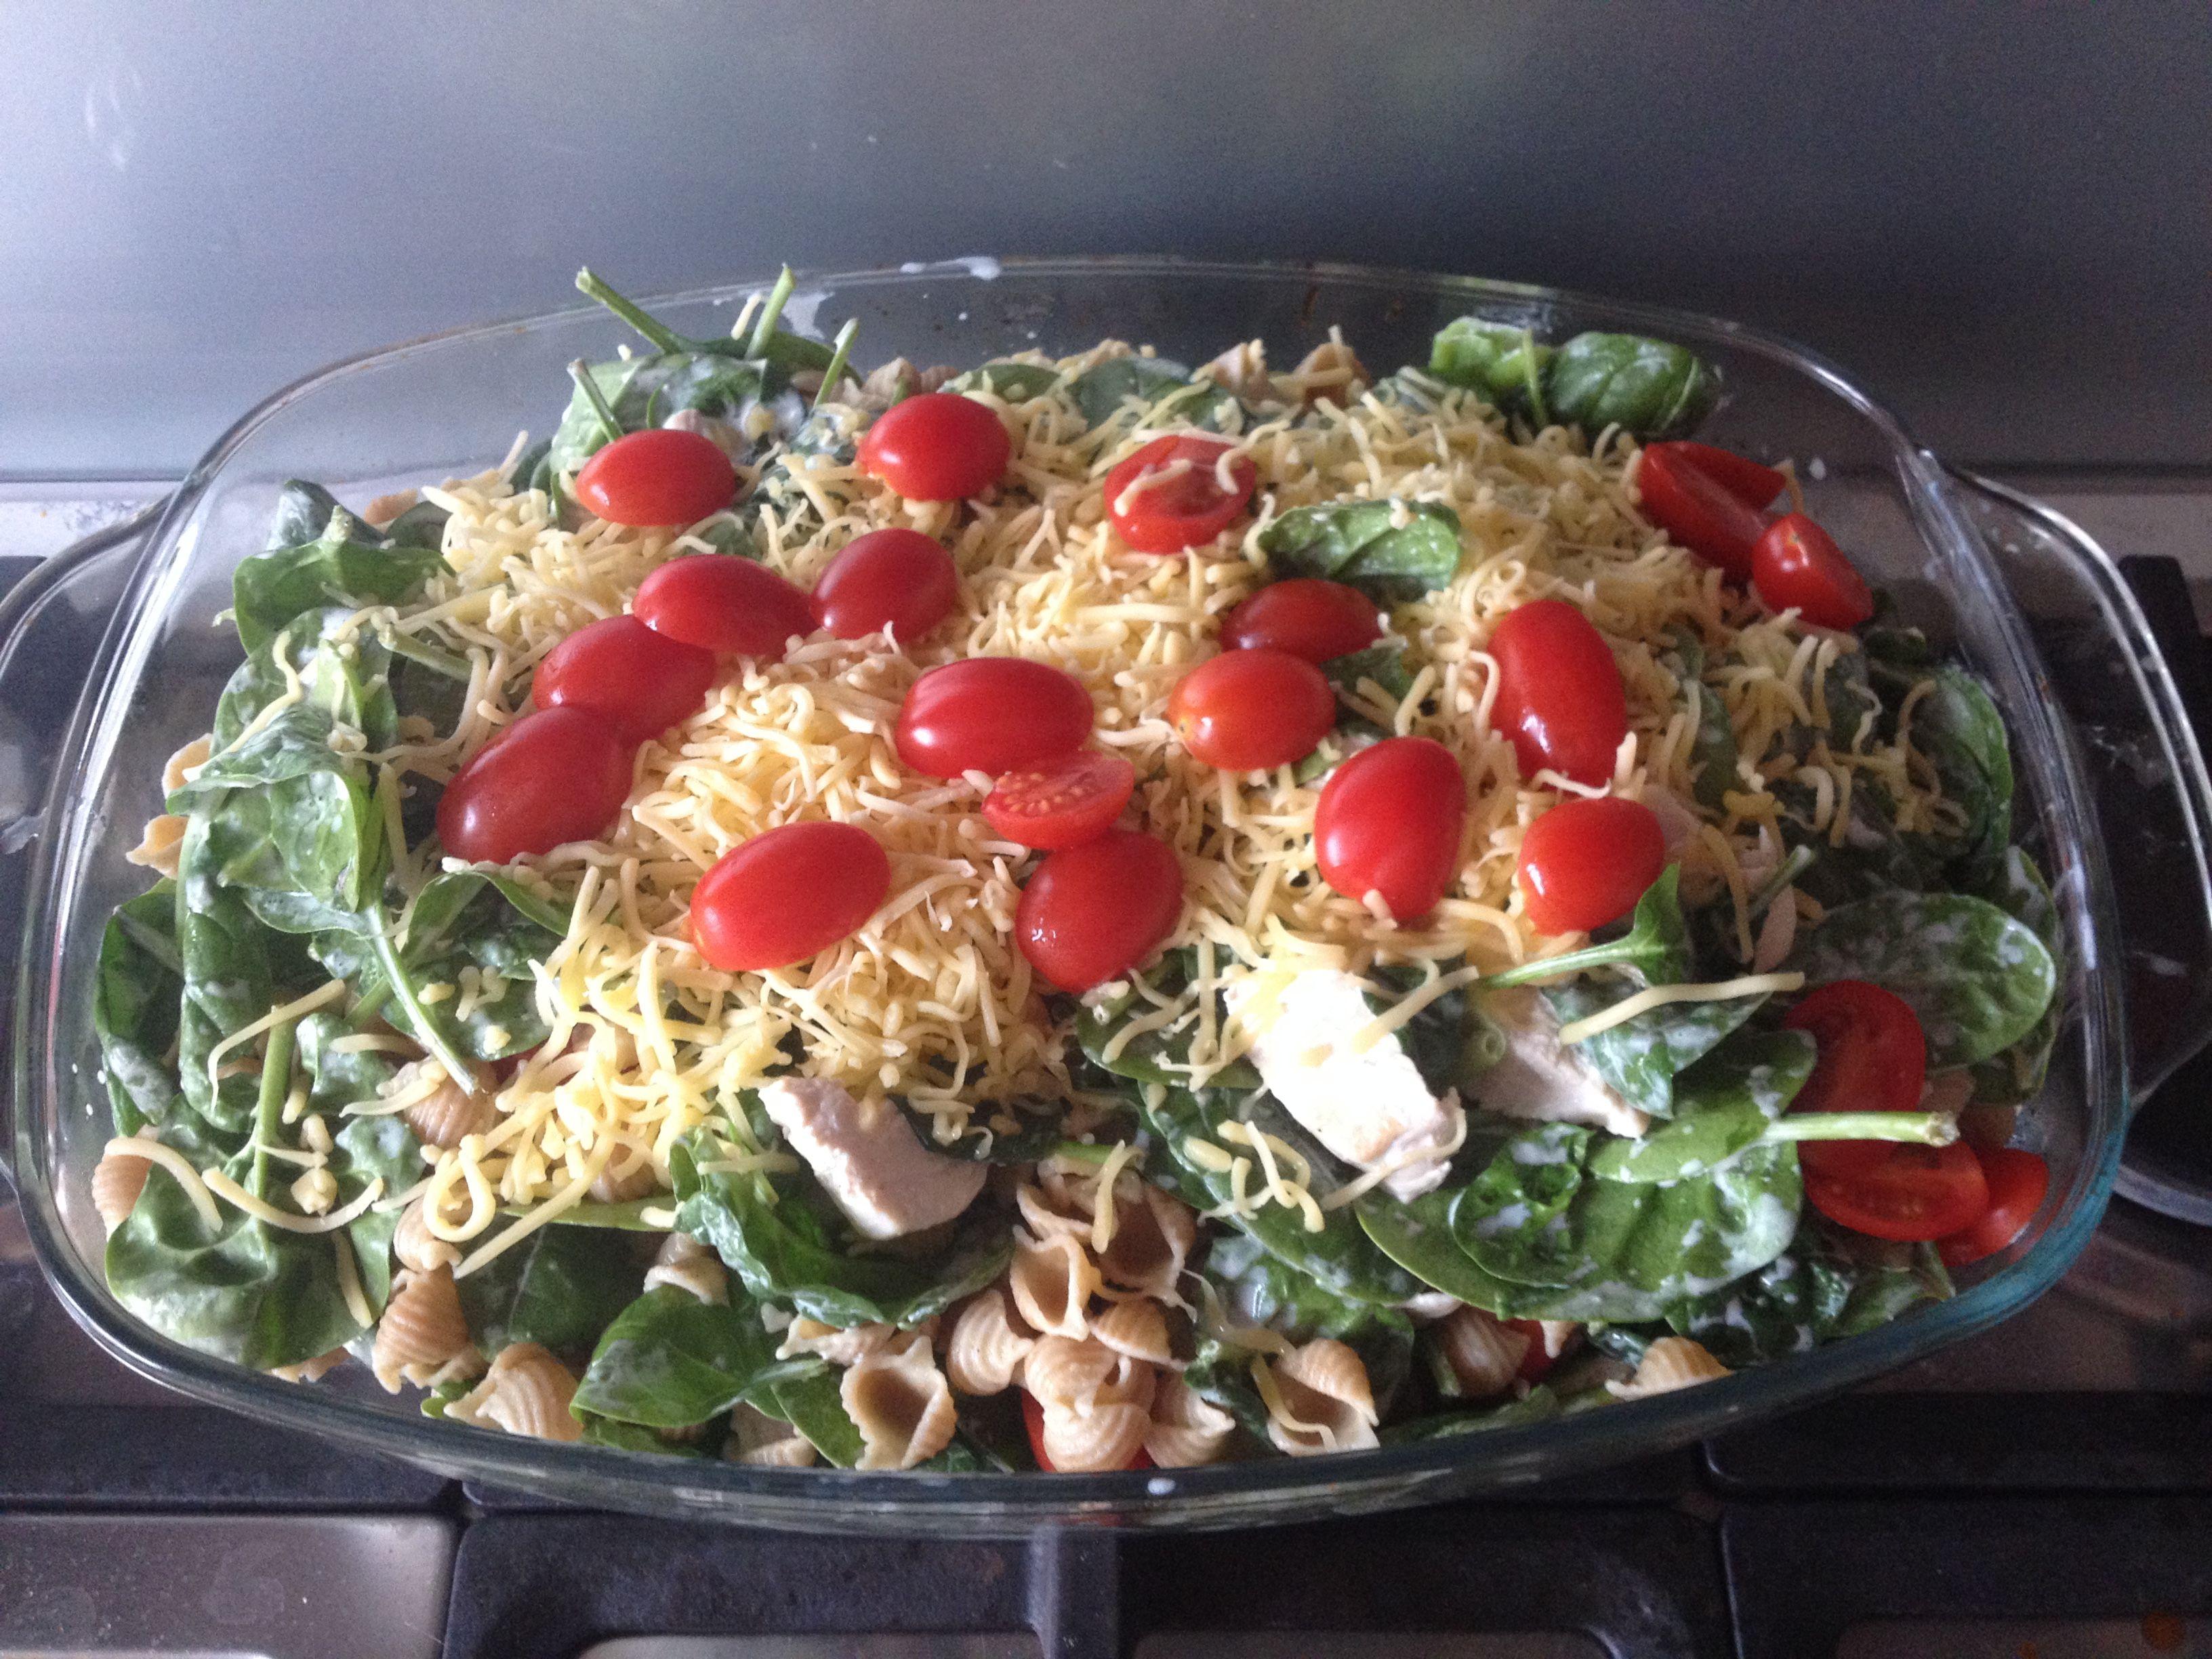 Spinazie pasta schotel: Volkoren pasta, cherrytomaten, kipfilet, lente ui, spinazie, kookroom, strooikaas.